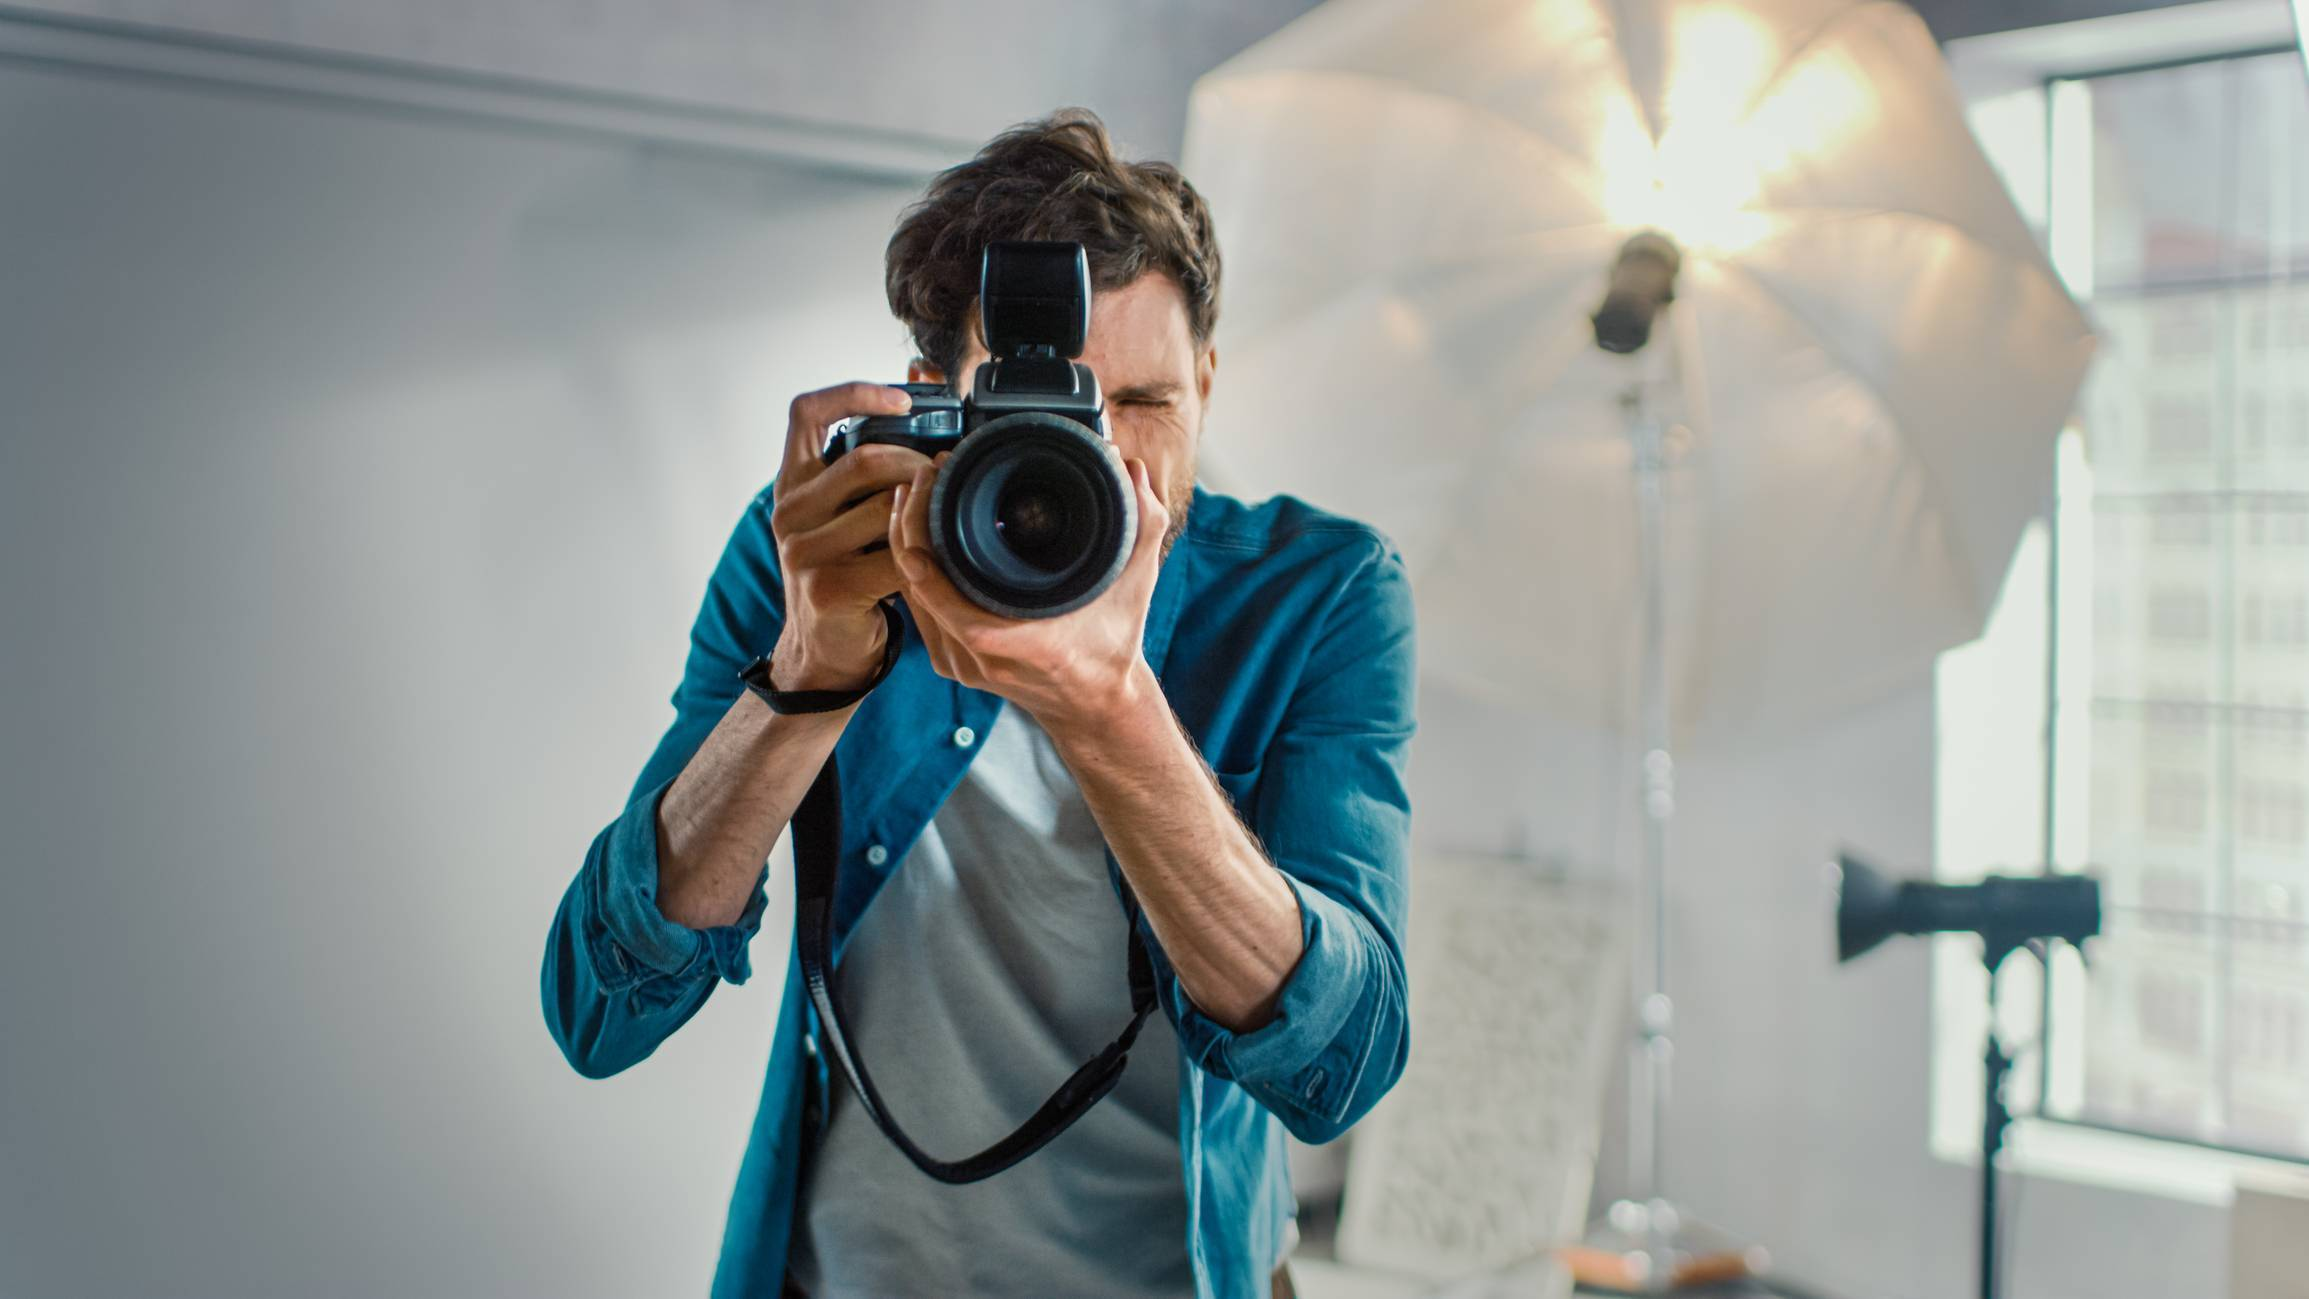 s'entraîner pour devenir photographe professionnel